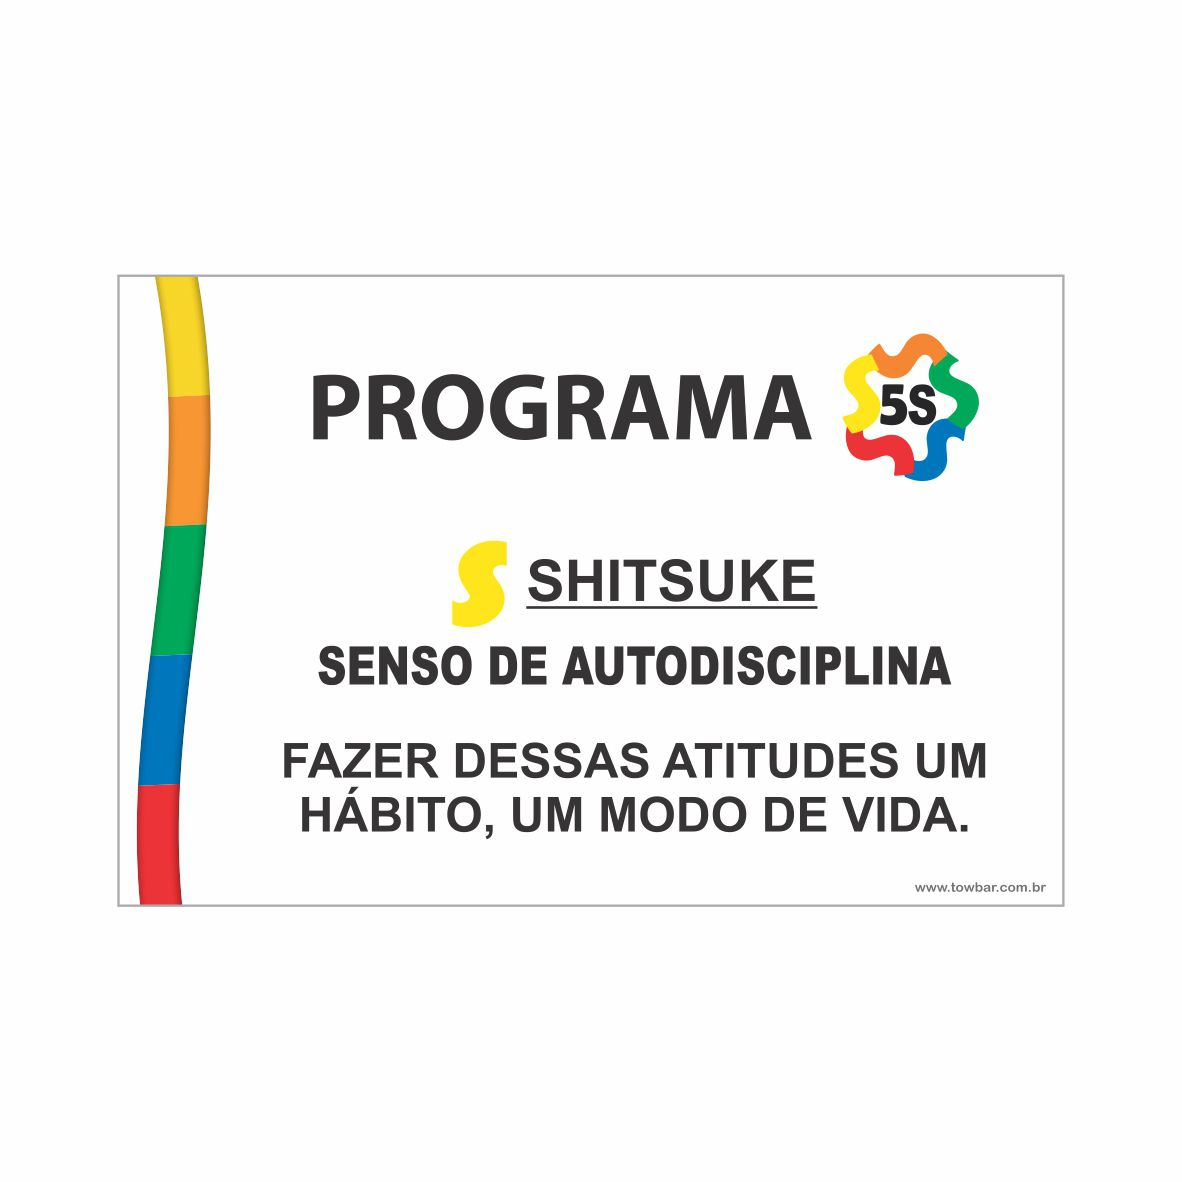 Programa 5S - Shitsuke  - Towbar Sinalização de Segurança